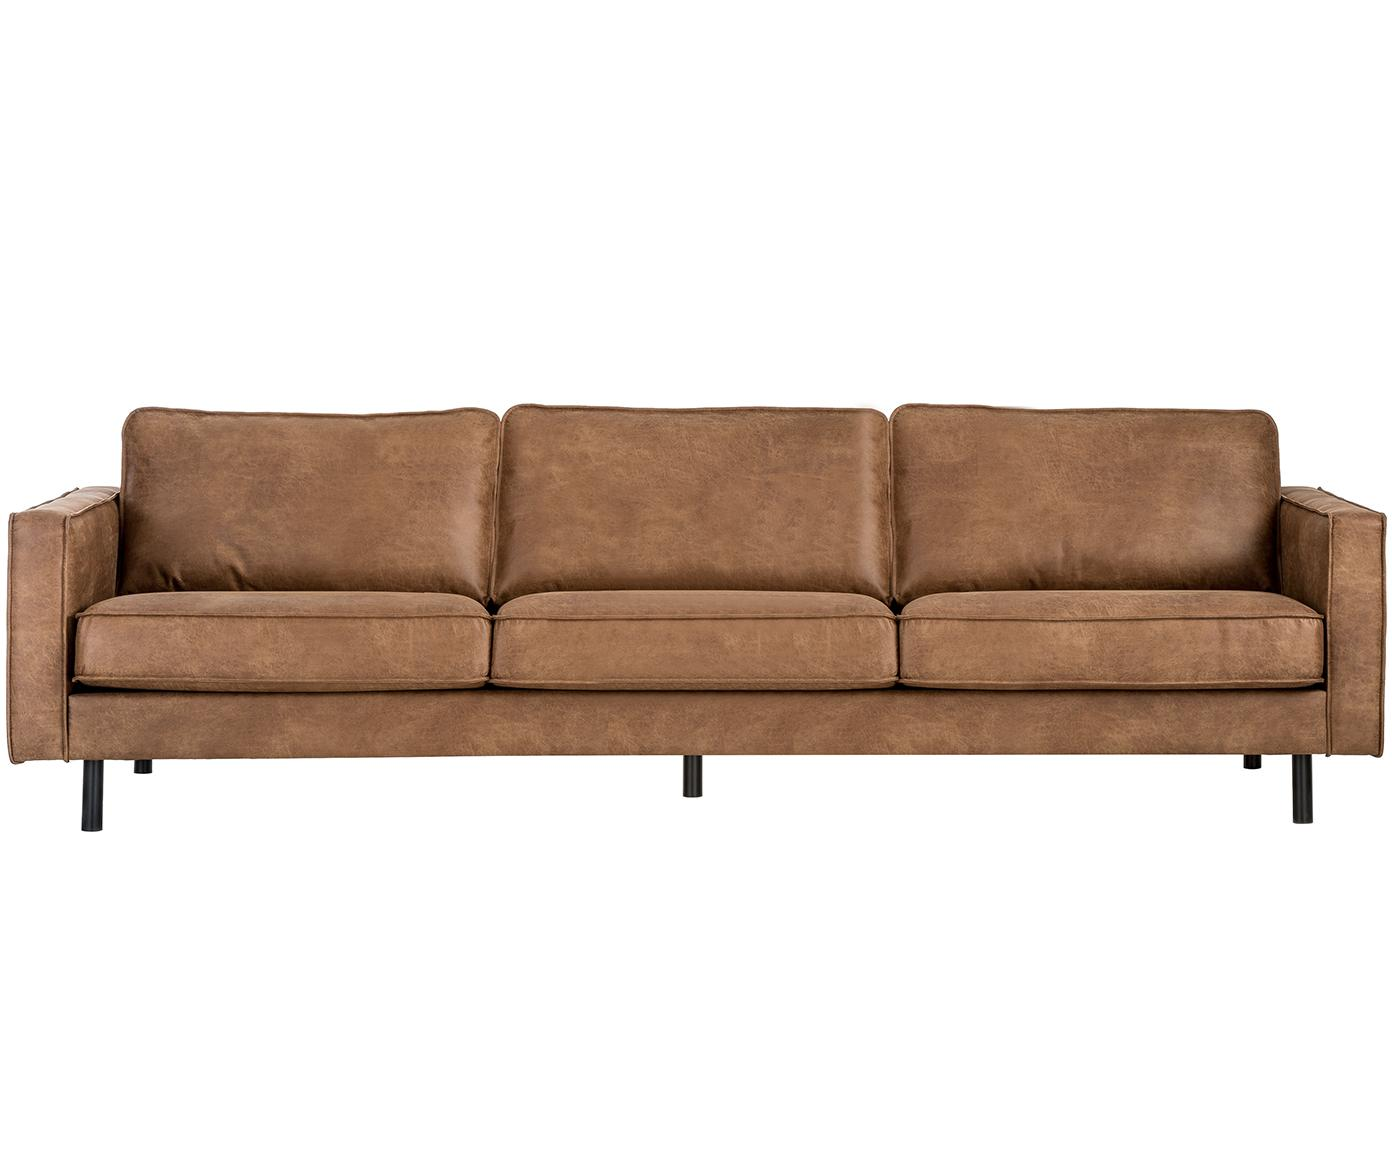 Leder-Sofa Hunter (4-Sitzer), Bezug: 70% recyceltes Leder, 30%, Gestell: Massives Birkenholz und h, Leder Braun, B 264 x T 90 cm